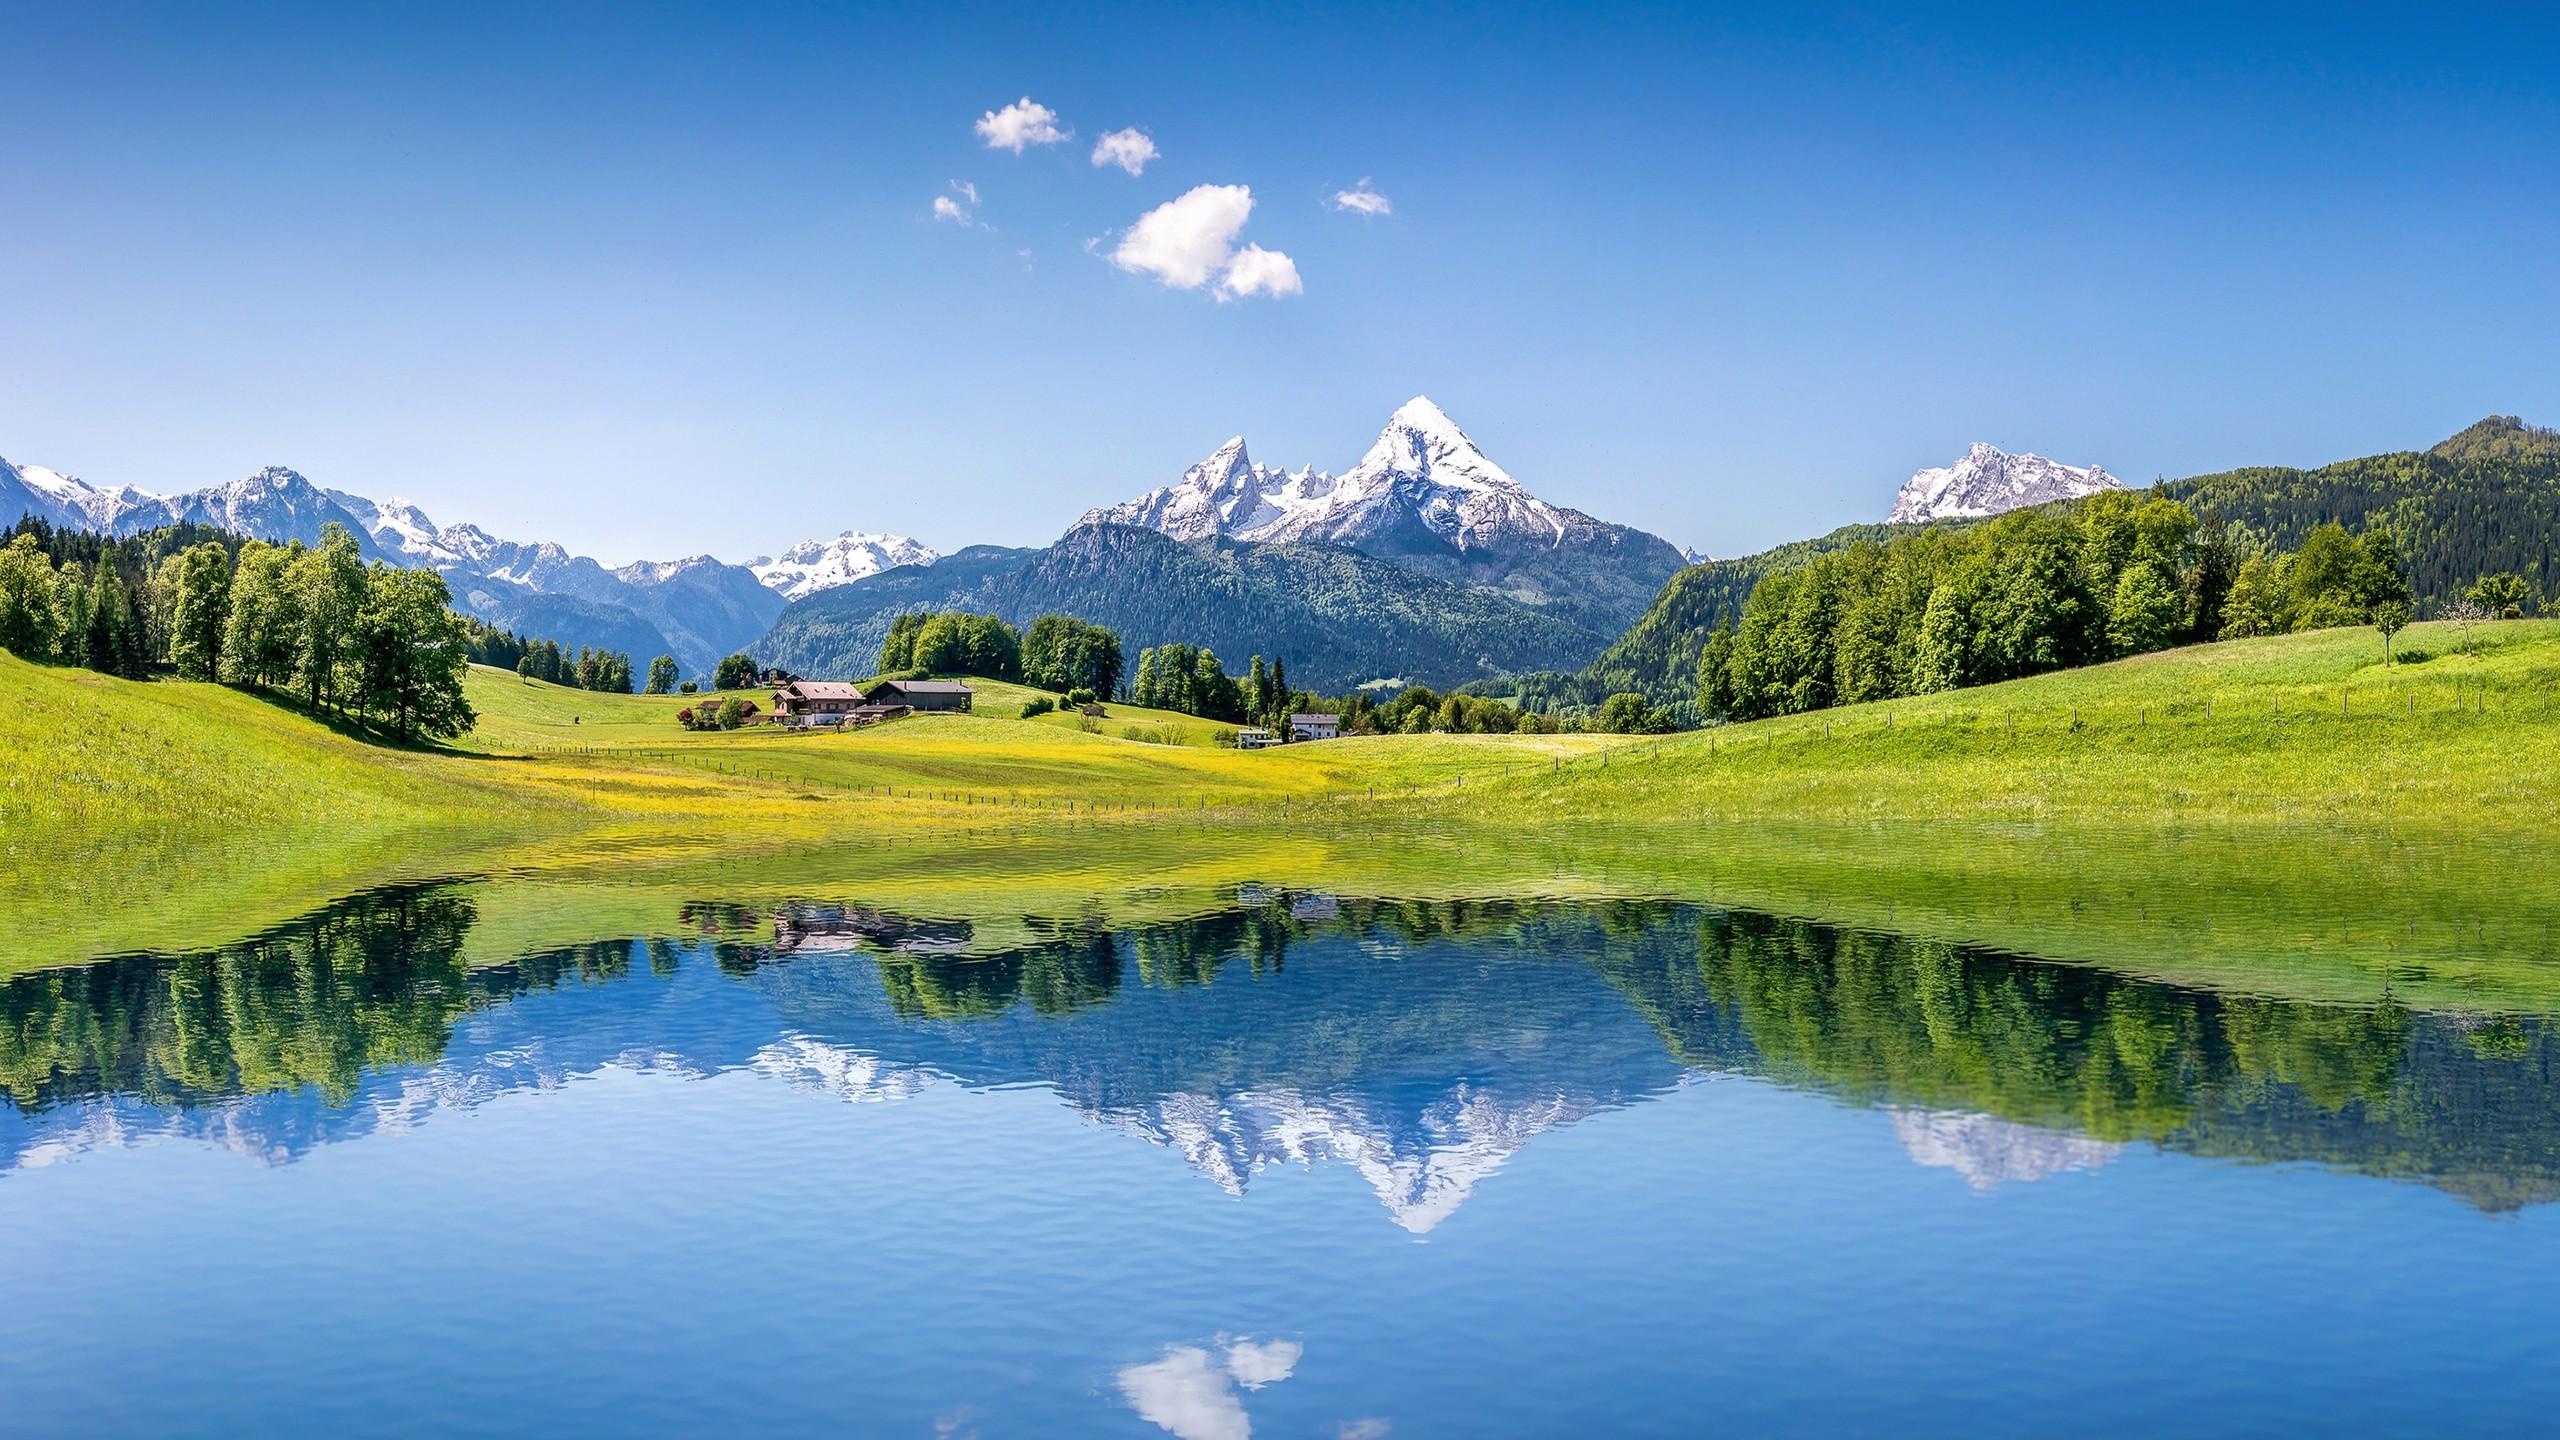 Nature / Summer mountains Wallpaper